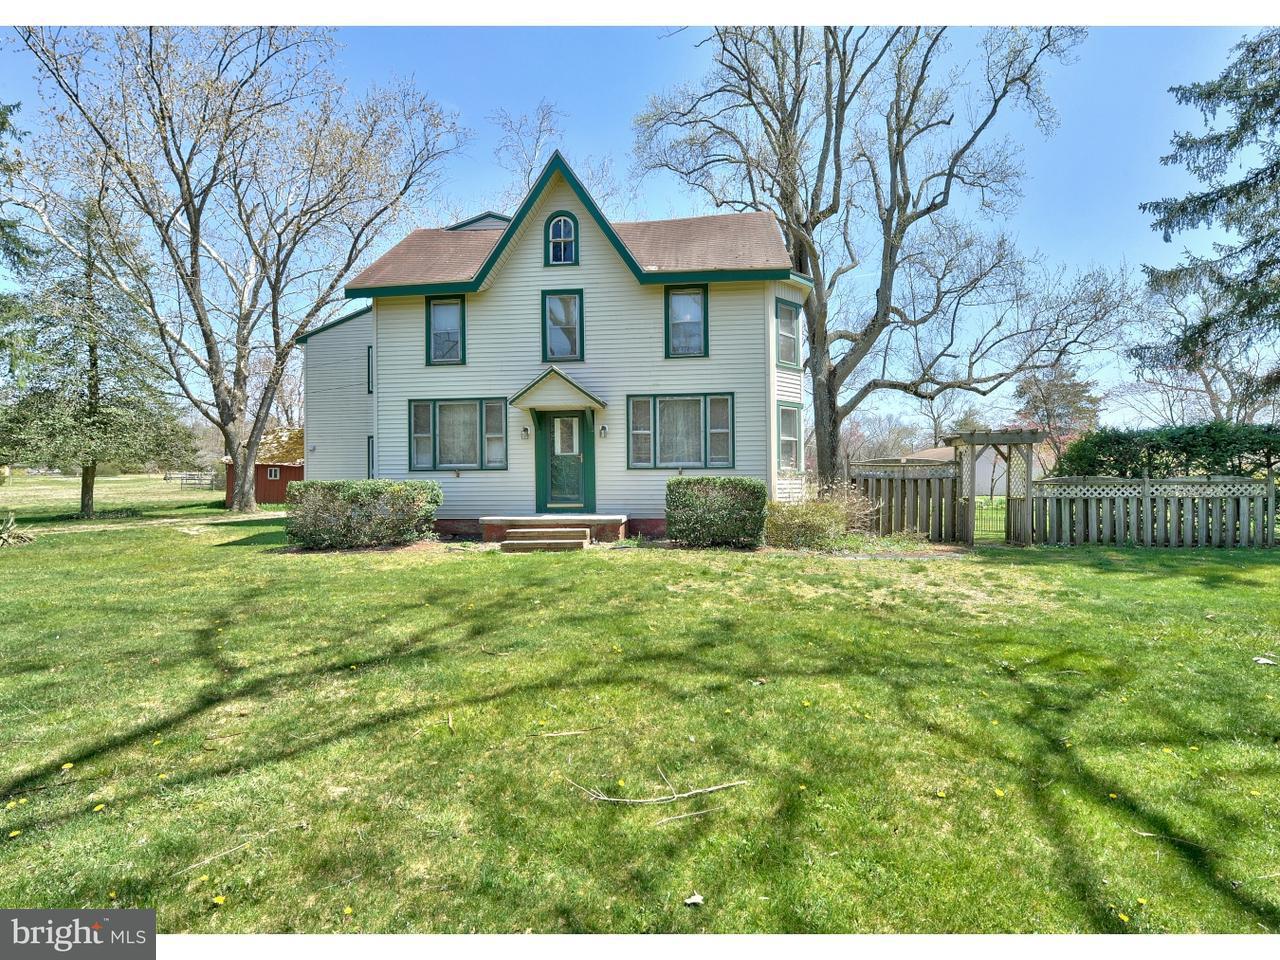 Maison unifamiliale pour l Vente à 30 NEW BROOKLYN Road Sicklerville, New Jersey 08081 États-Unis